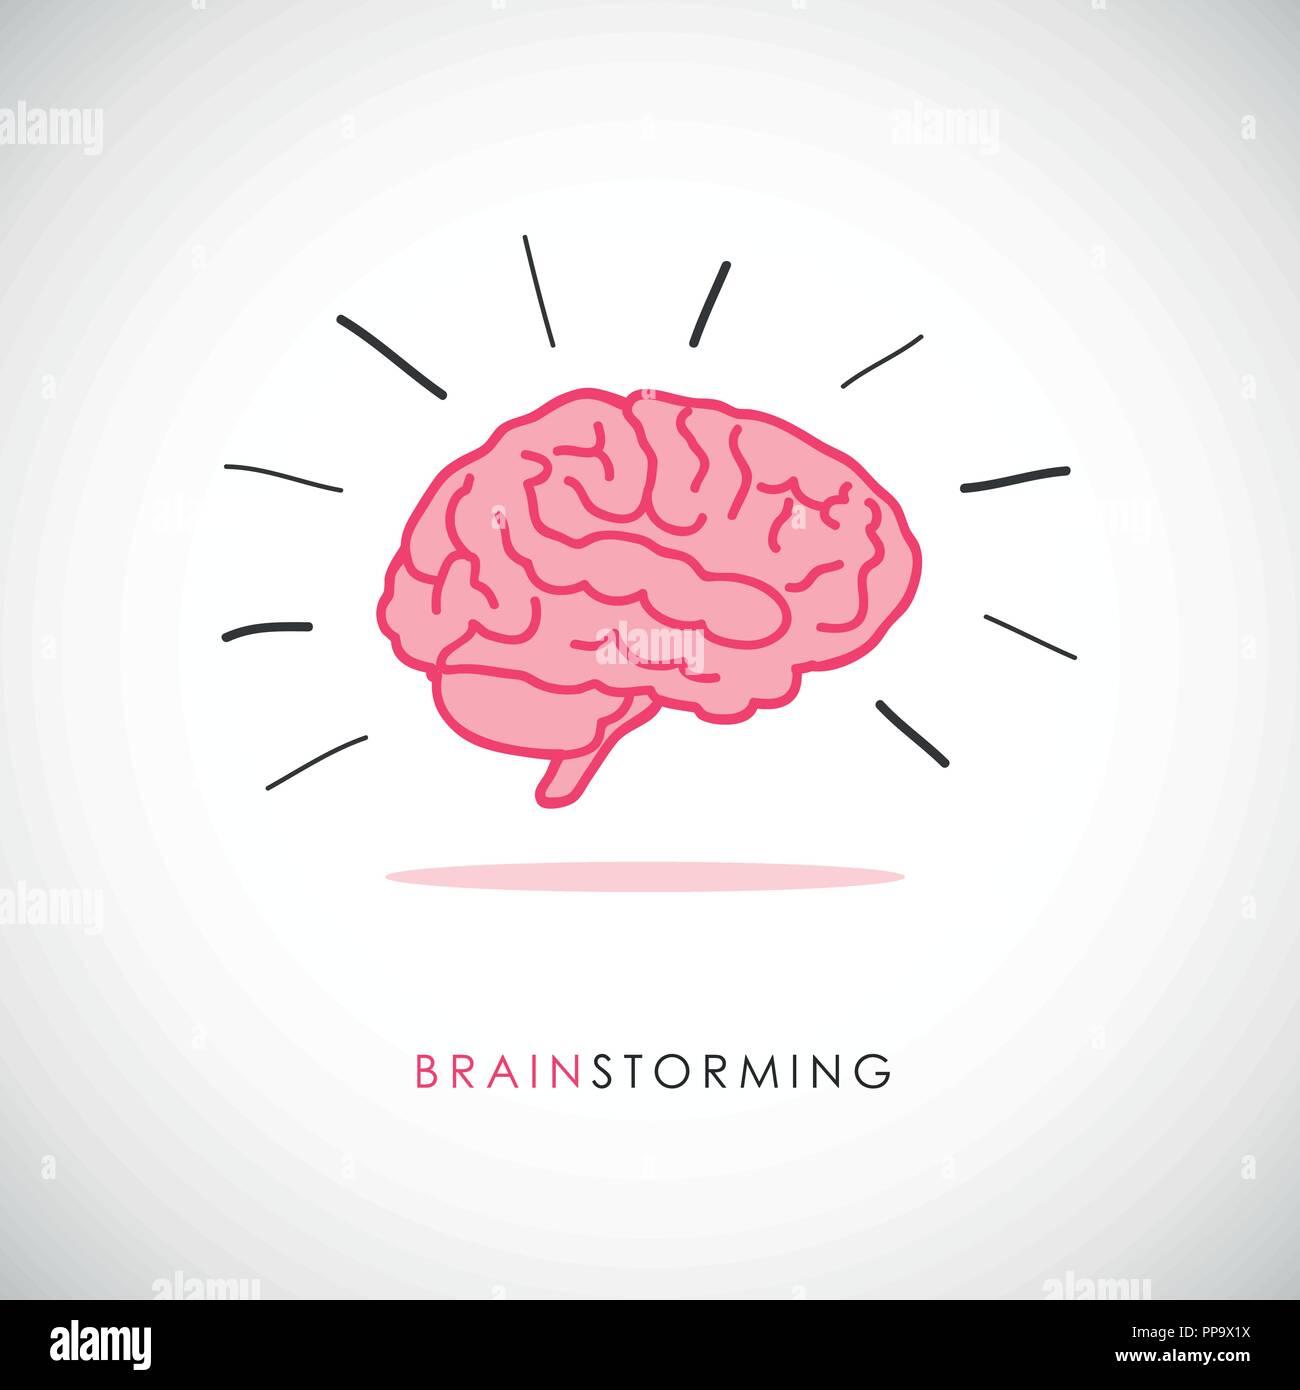 Cerebro Humano icono concepto brainstorming ilustración vectorial Imagen De Stock